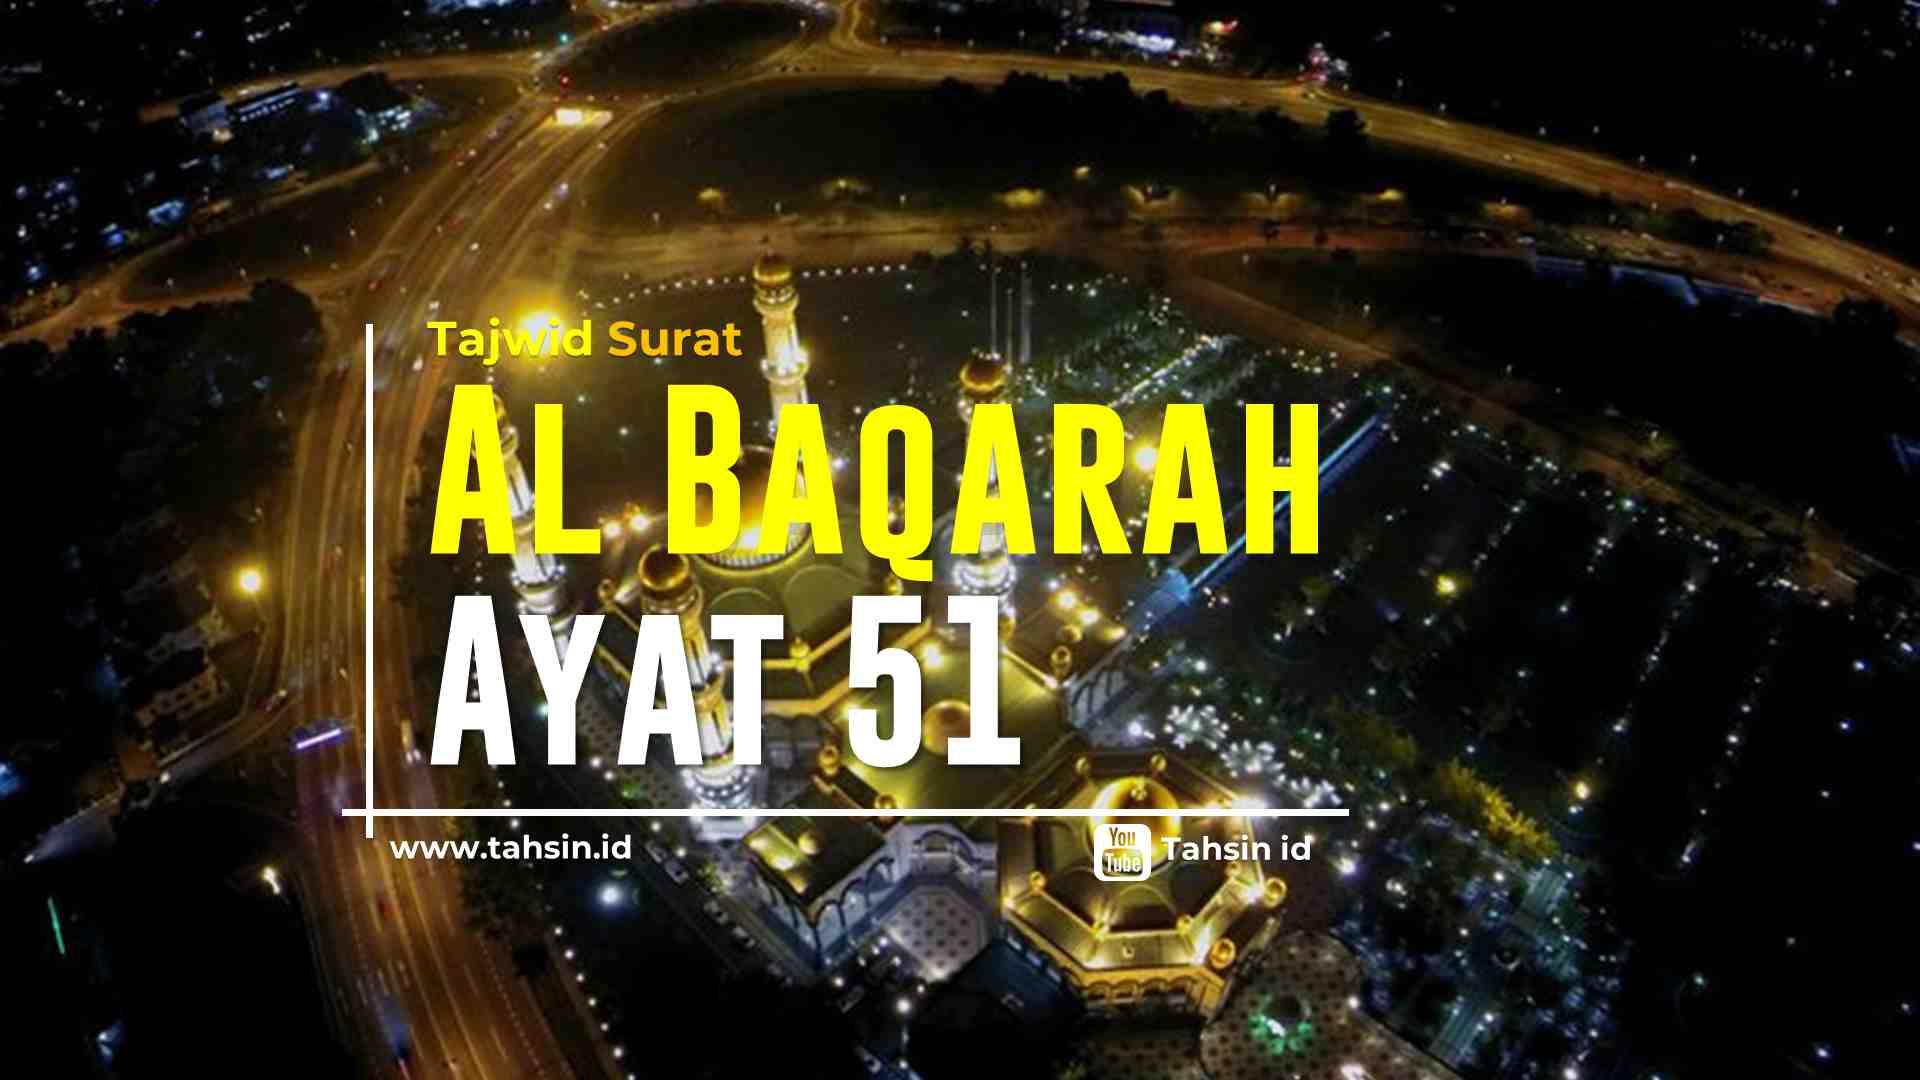 Tajwid surat Al Baqarah ayat 51